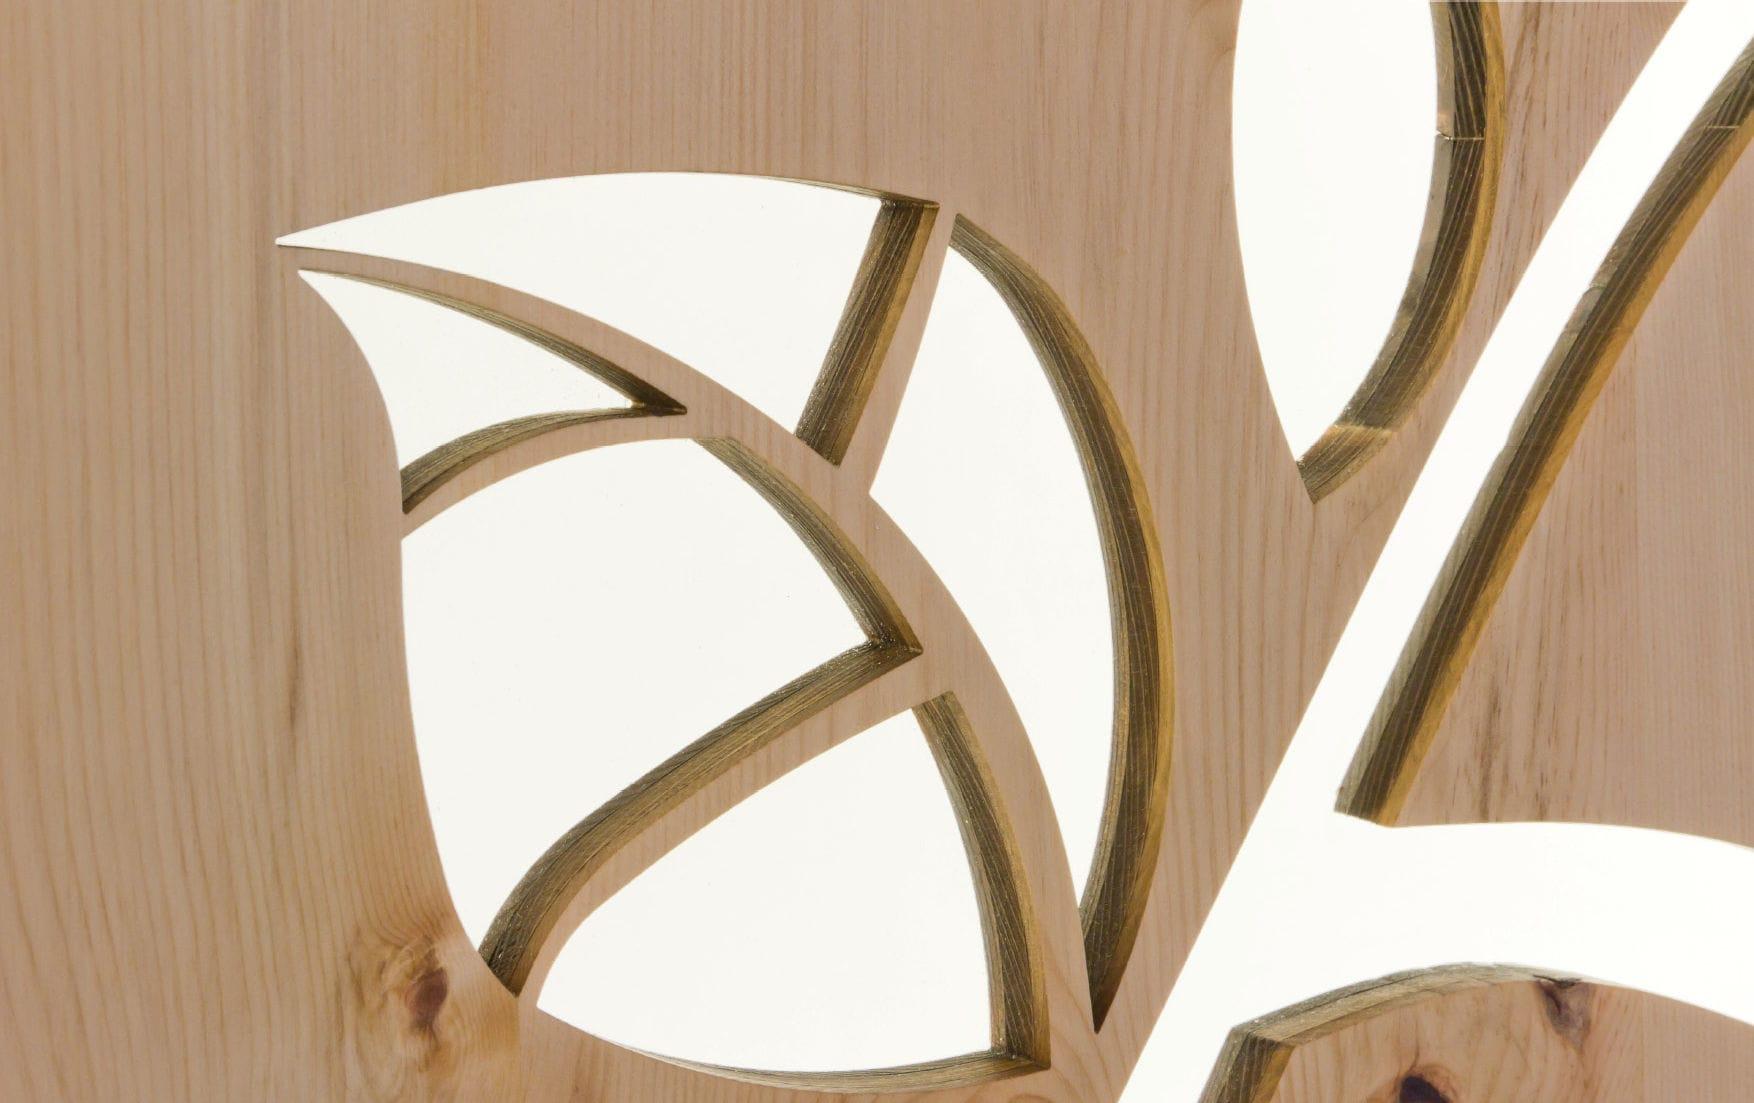 Pannello decorativo in legno per parete perforato dorfhotel